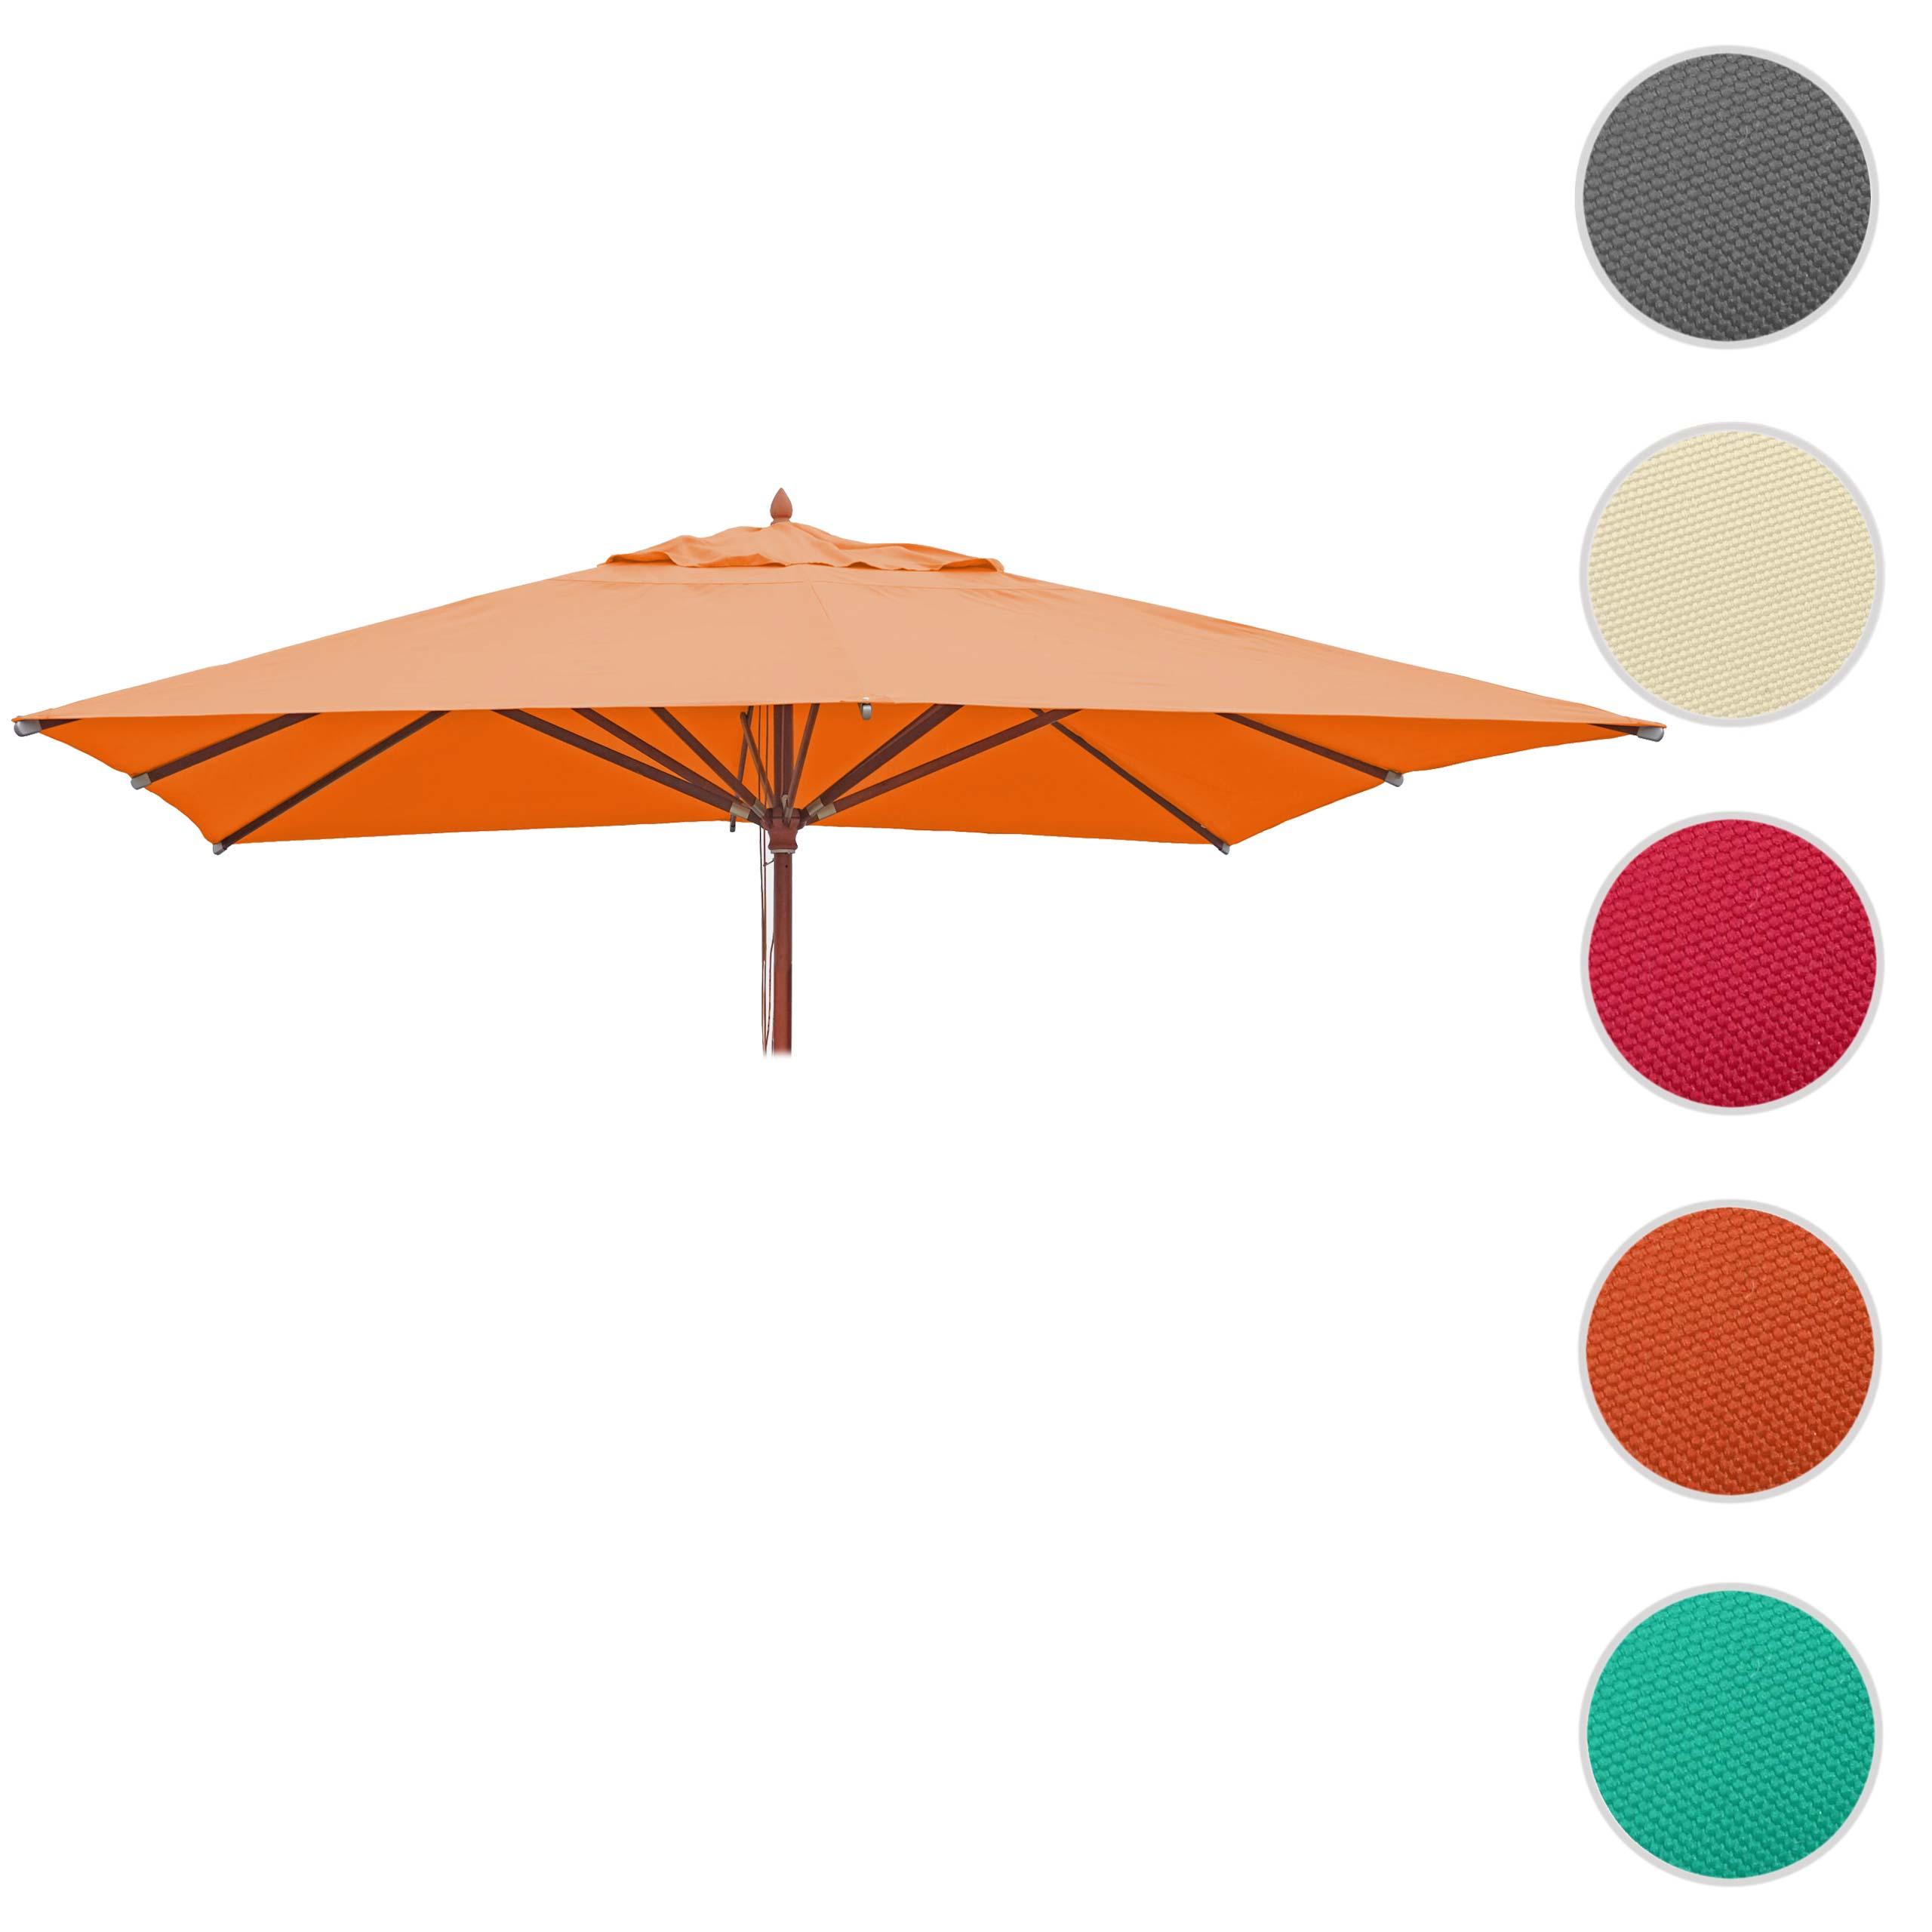 Mendler Bezug für Gastronomie Holz-Sonnenschirm HWC-C57, Sonnenschirmbezug Ersatzbezug, eckig 3x3m Polyester 76660